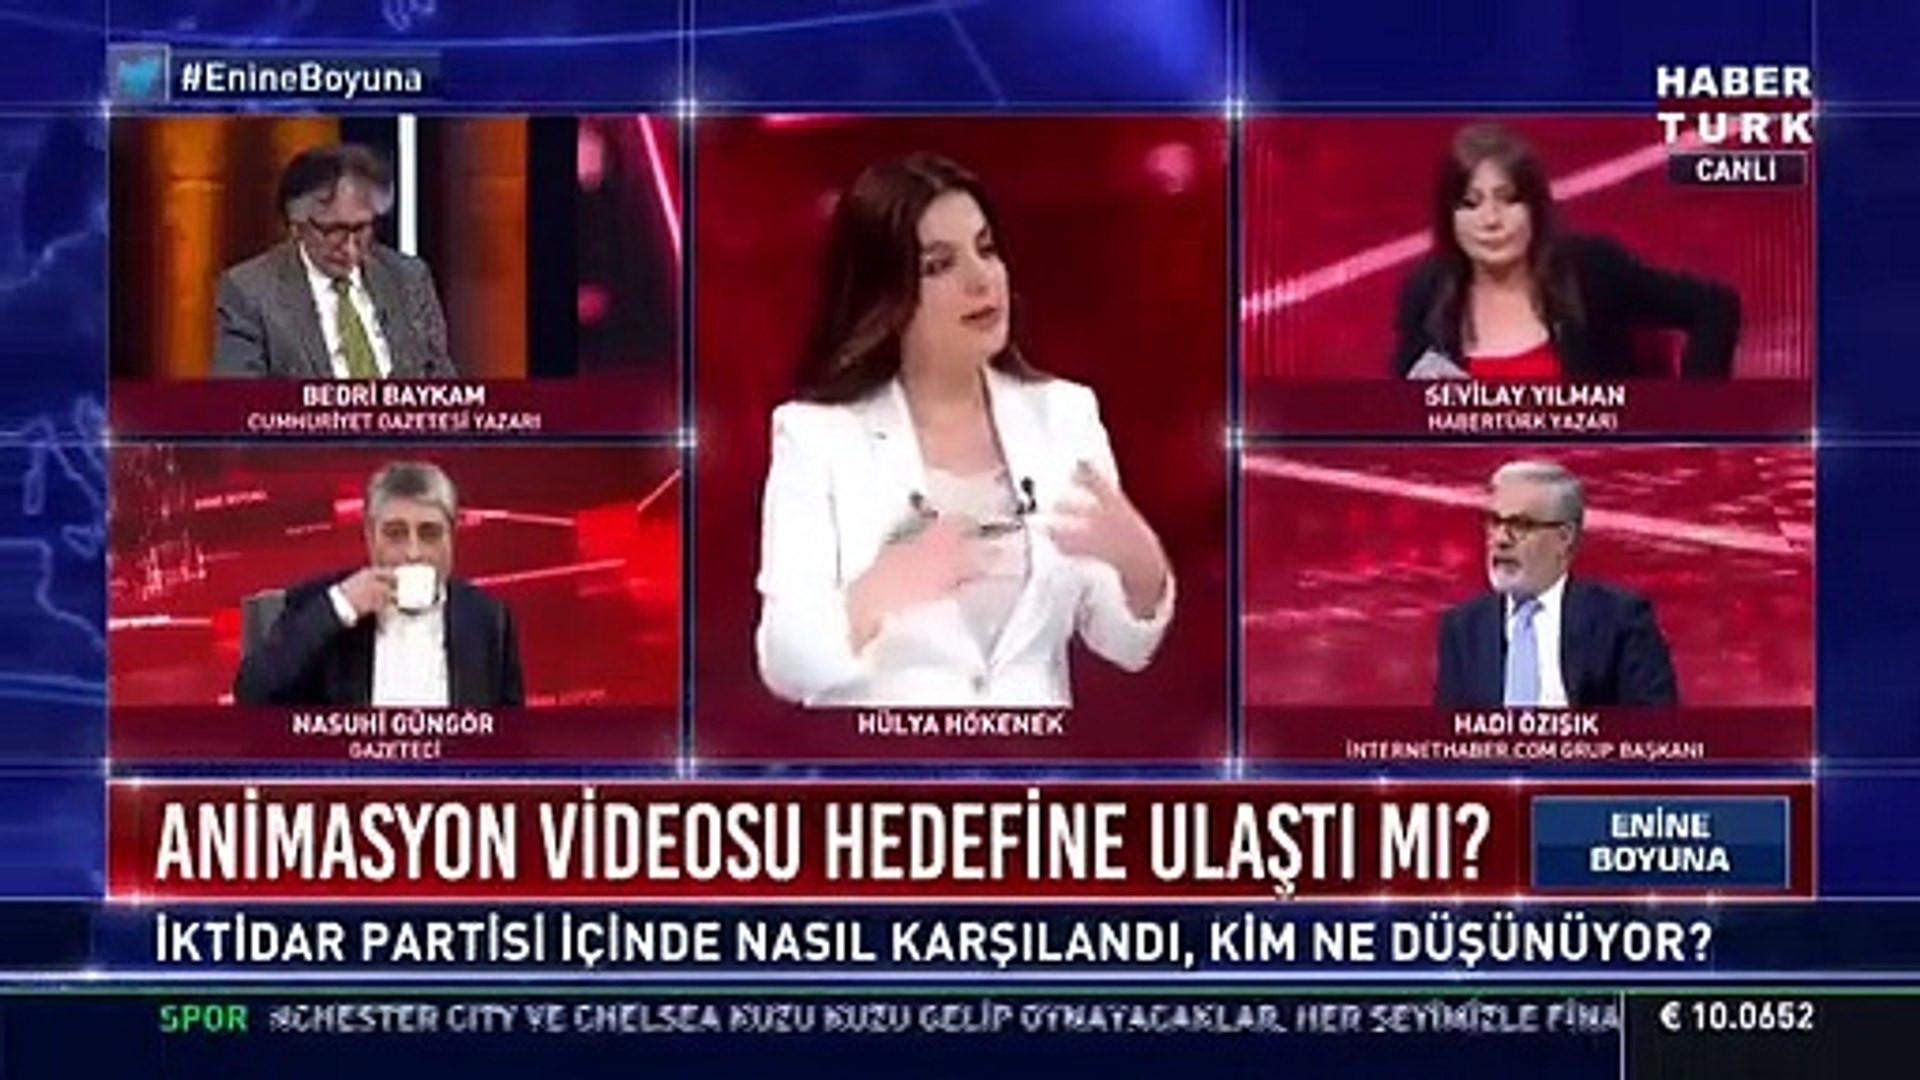 AK Parti'deki ''çizgi film'' krizinin detayları canlı yayında ortaya çıktı